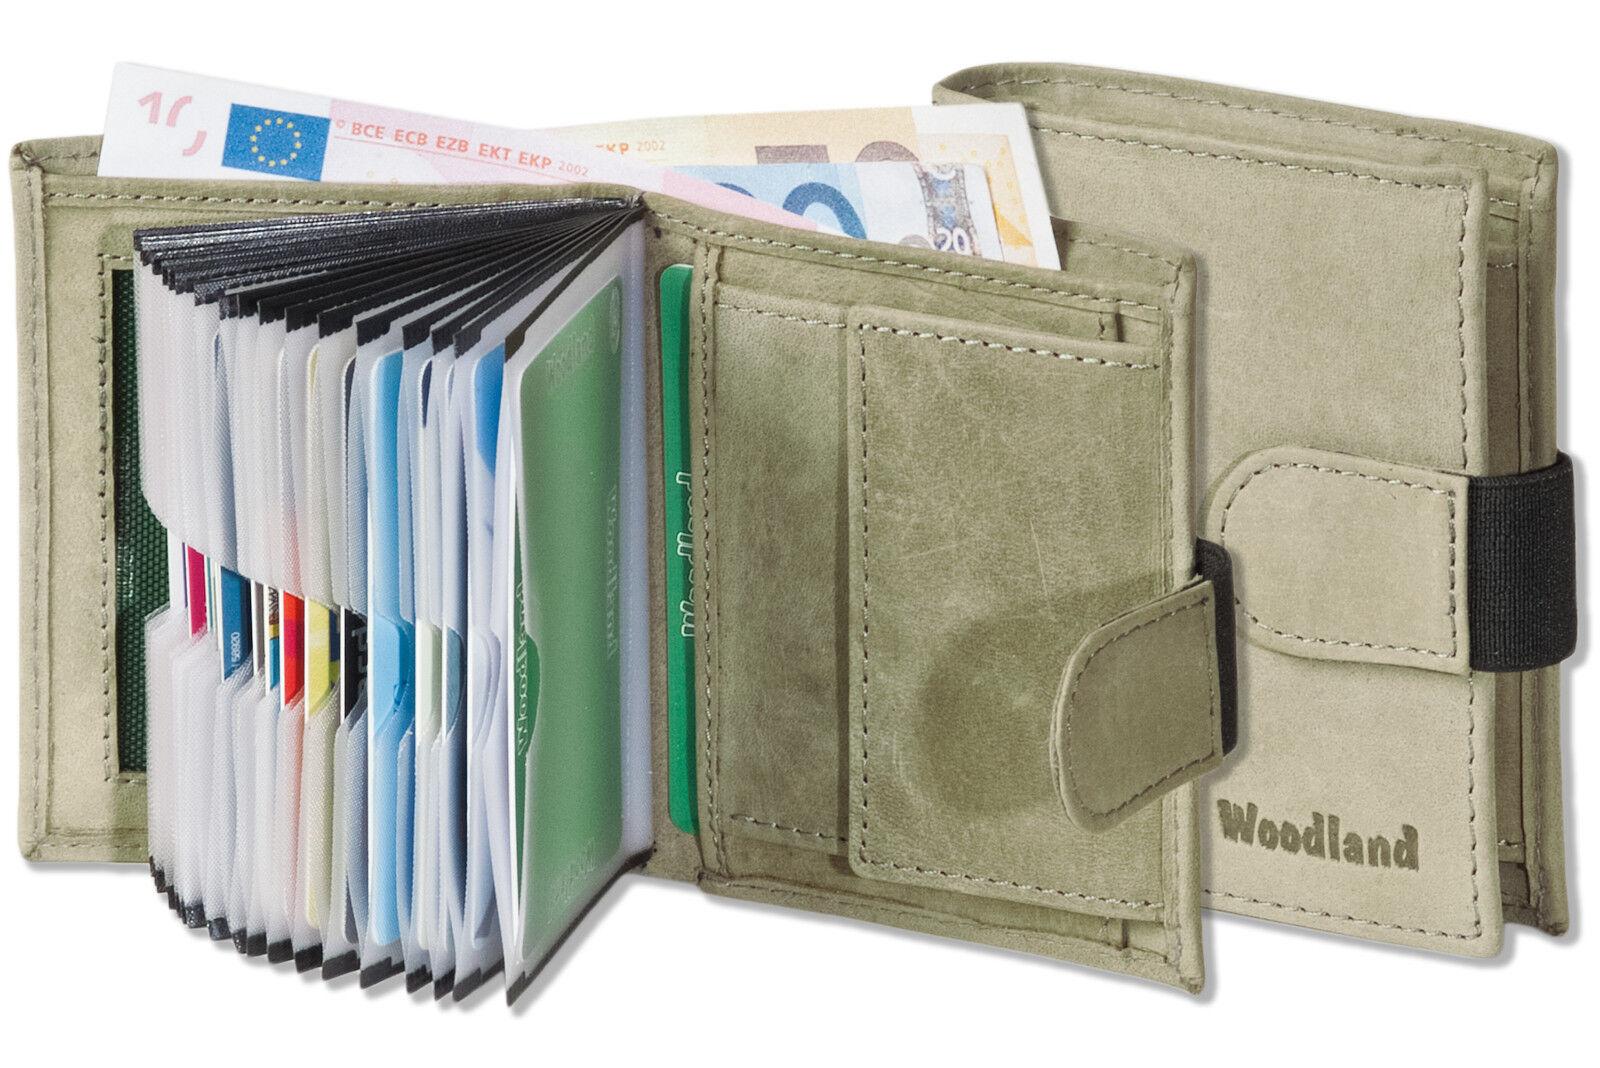 Woodland Leder Geldbörse Und Kreditkartenetui In Einem Aus Feinem Büffelleder